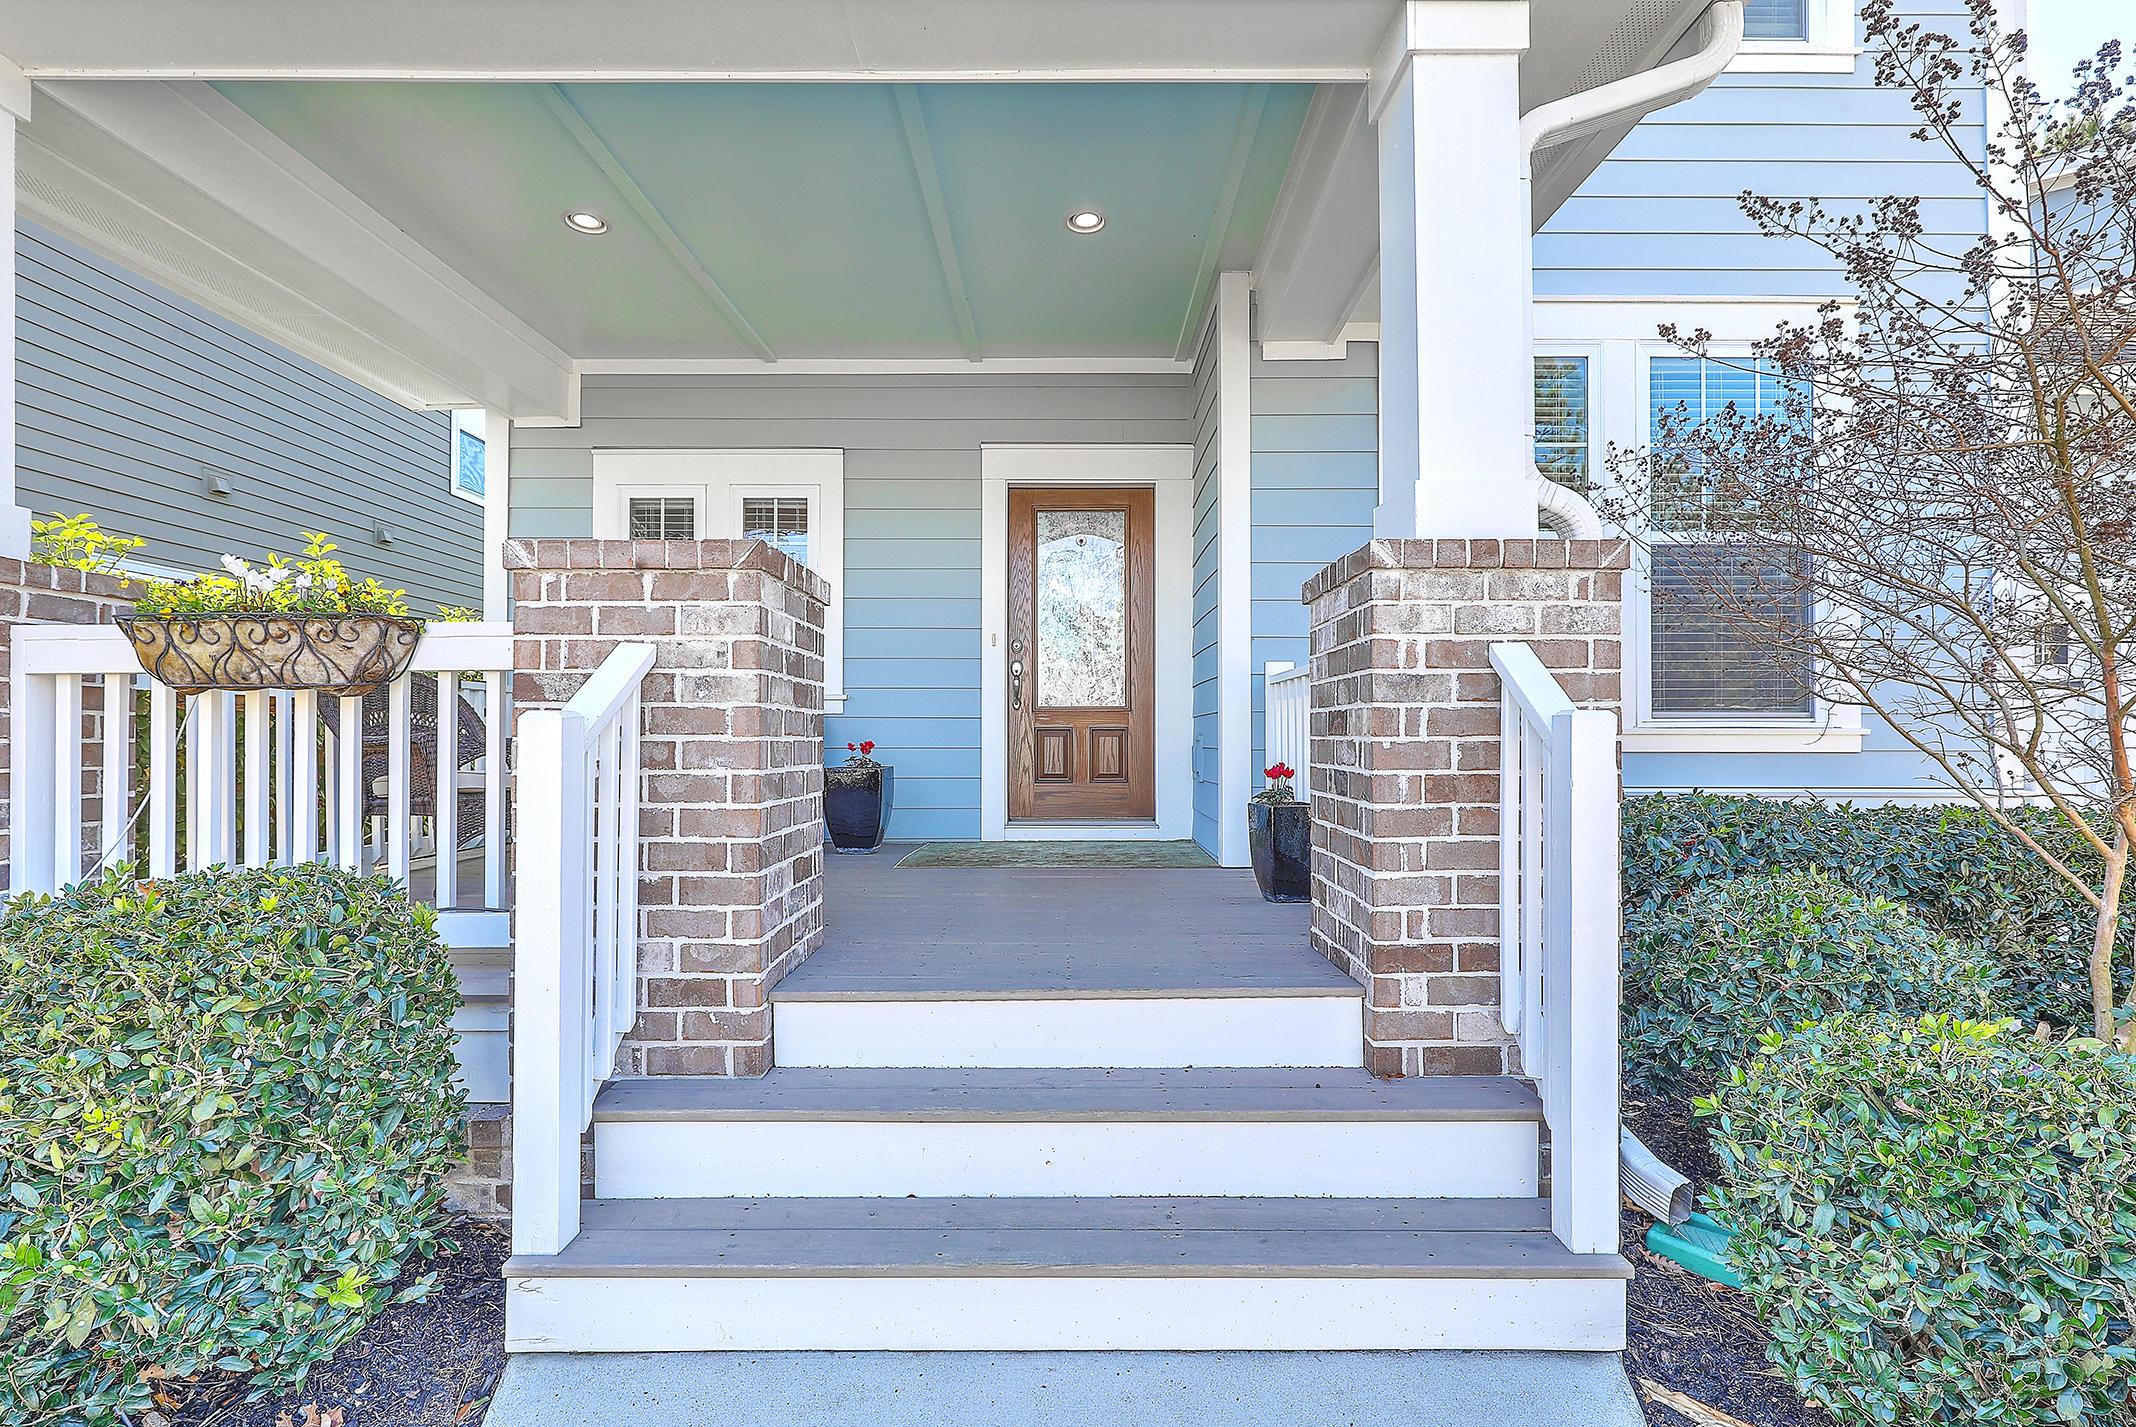 Carnes Crossroads Homes For Sale - 627 Van Buren, Summerville, SC - 42